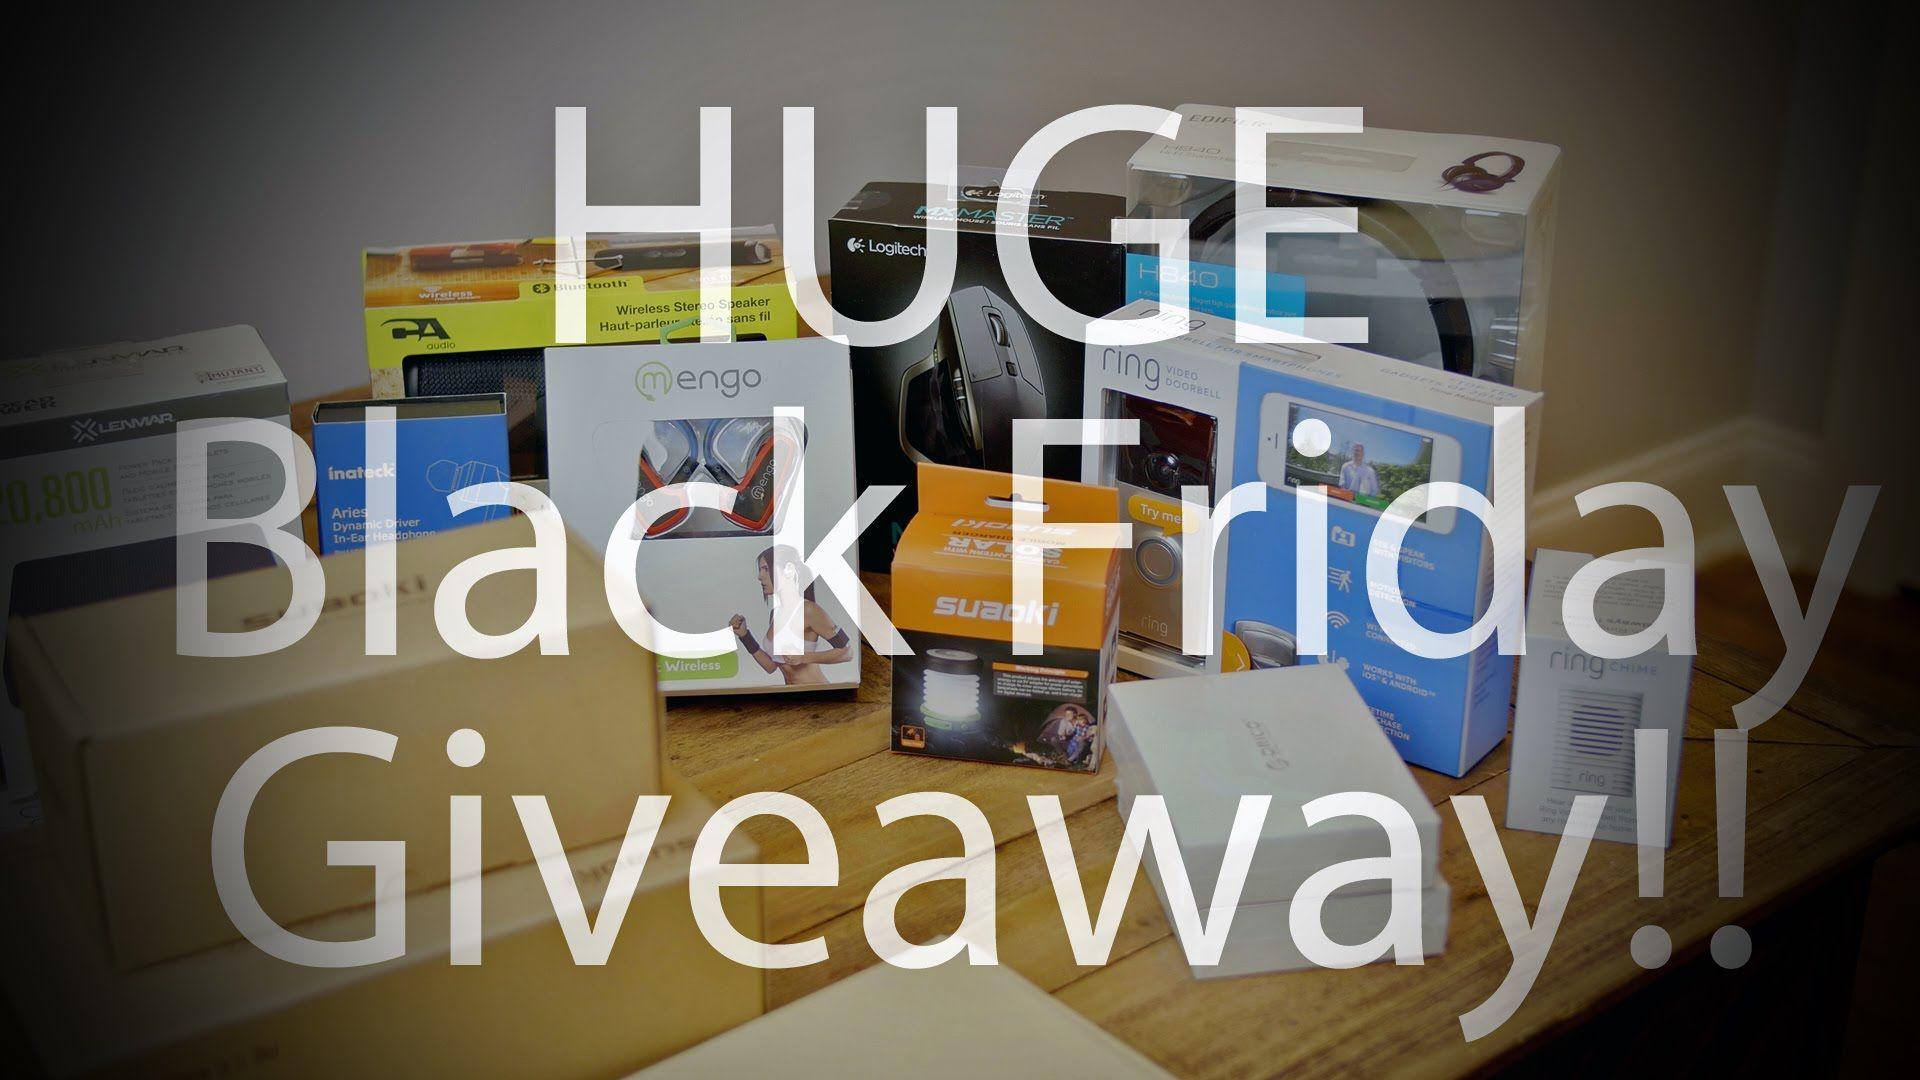 HUGE Black Friday Giveaway!!!